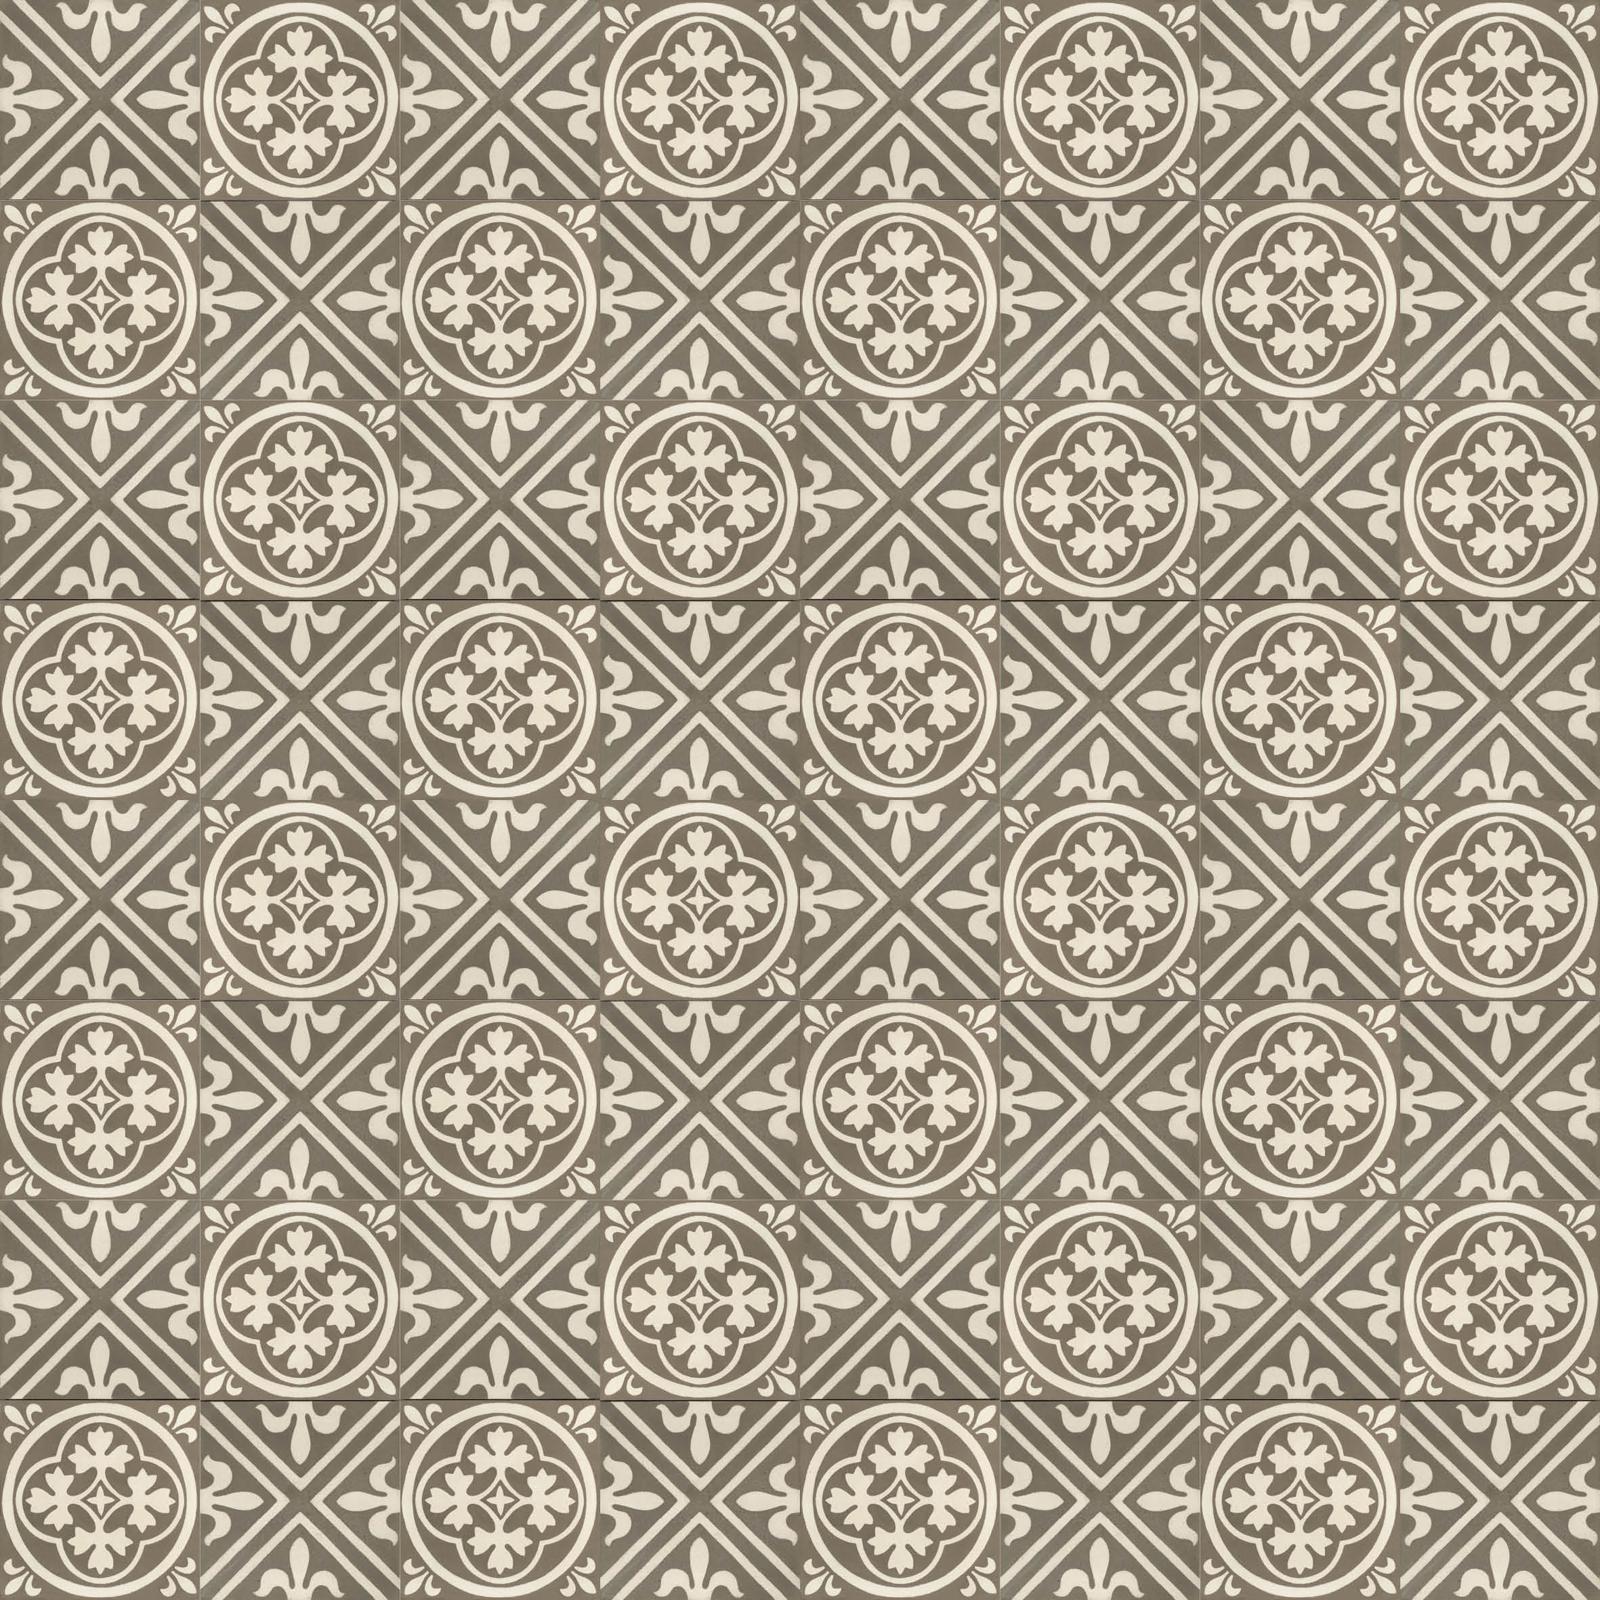 zementmosaikplatten-verlegemuster-51084-51088-viaplatten | 51084/150